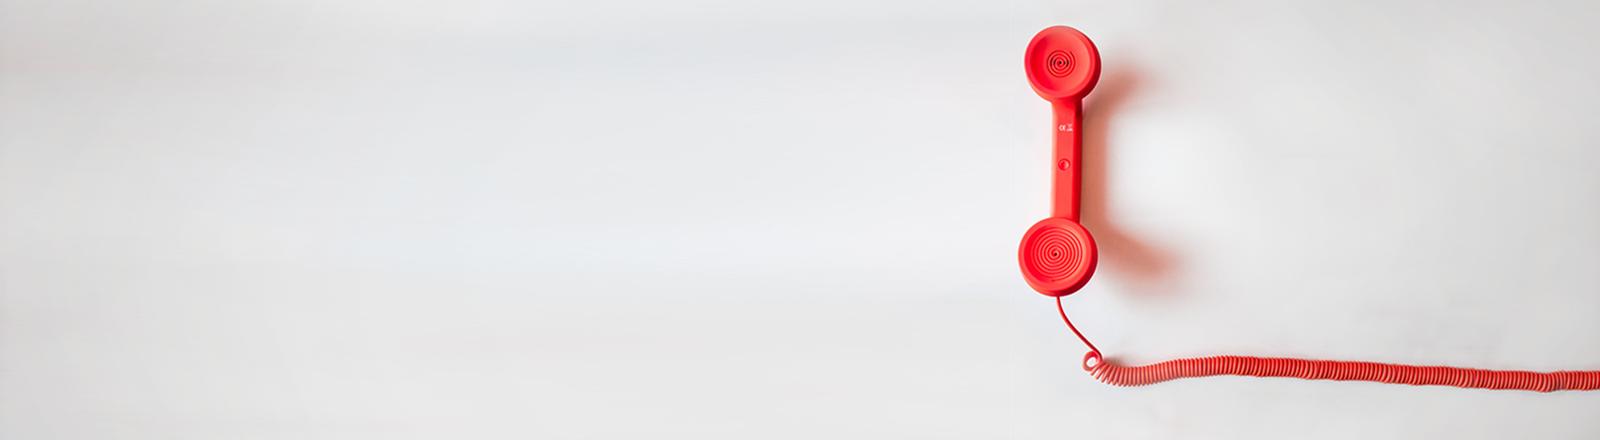 Ein altmodischer roter Telefonhörer